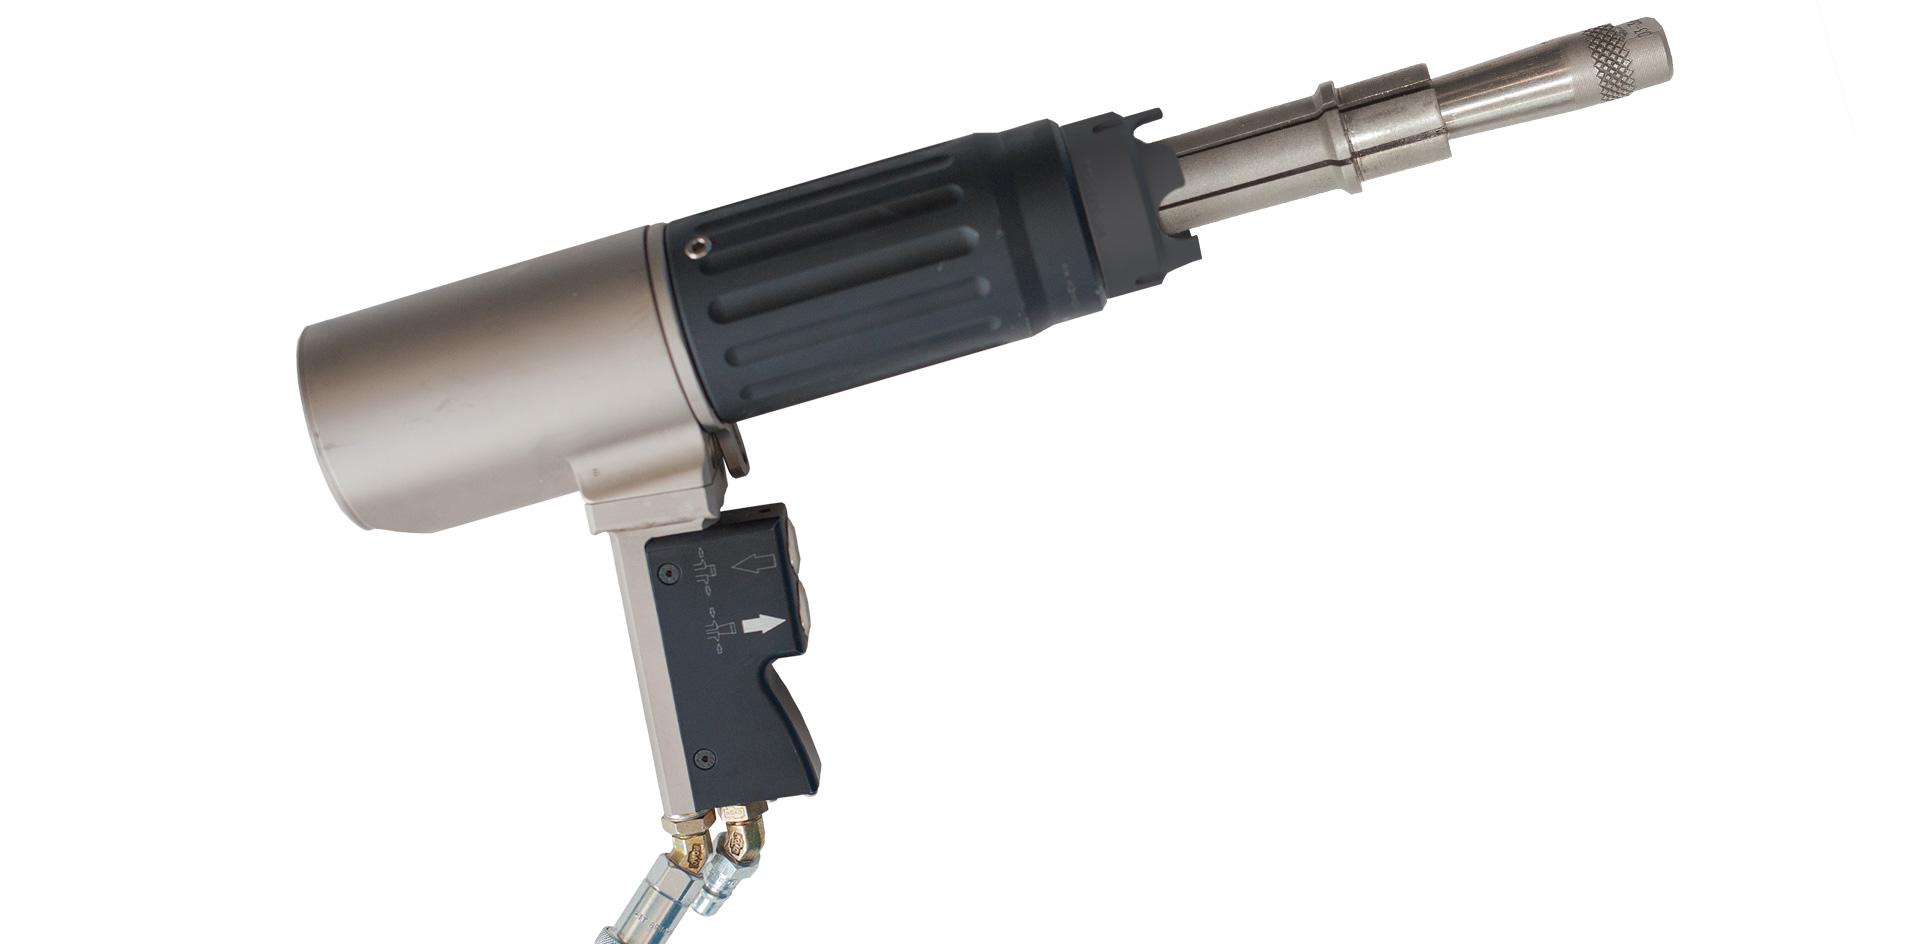 Гидравлическая система центрирования трубы в отверстии решетки перед сваркой